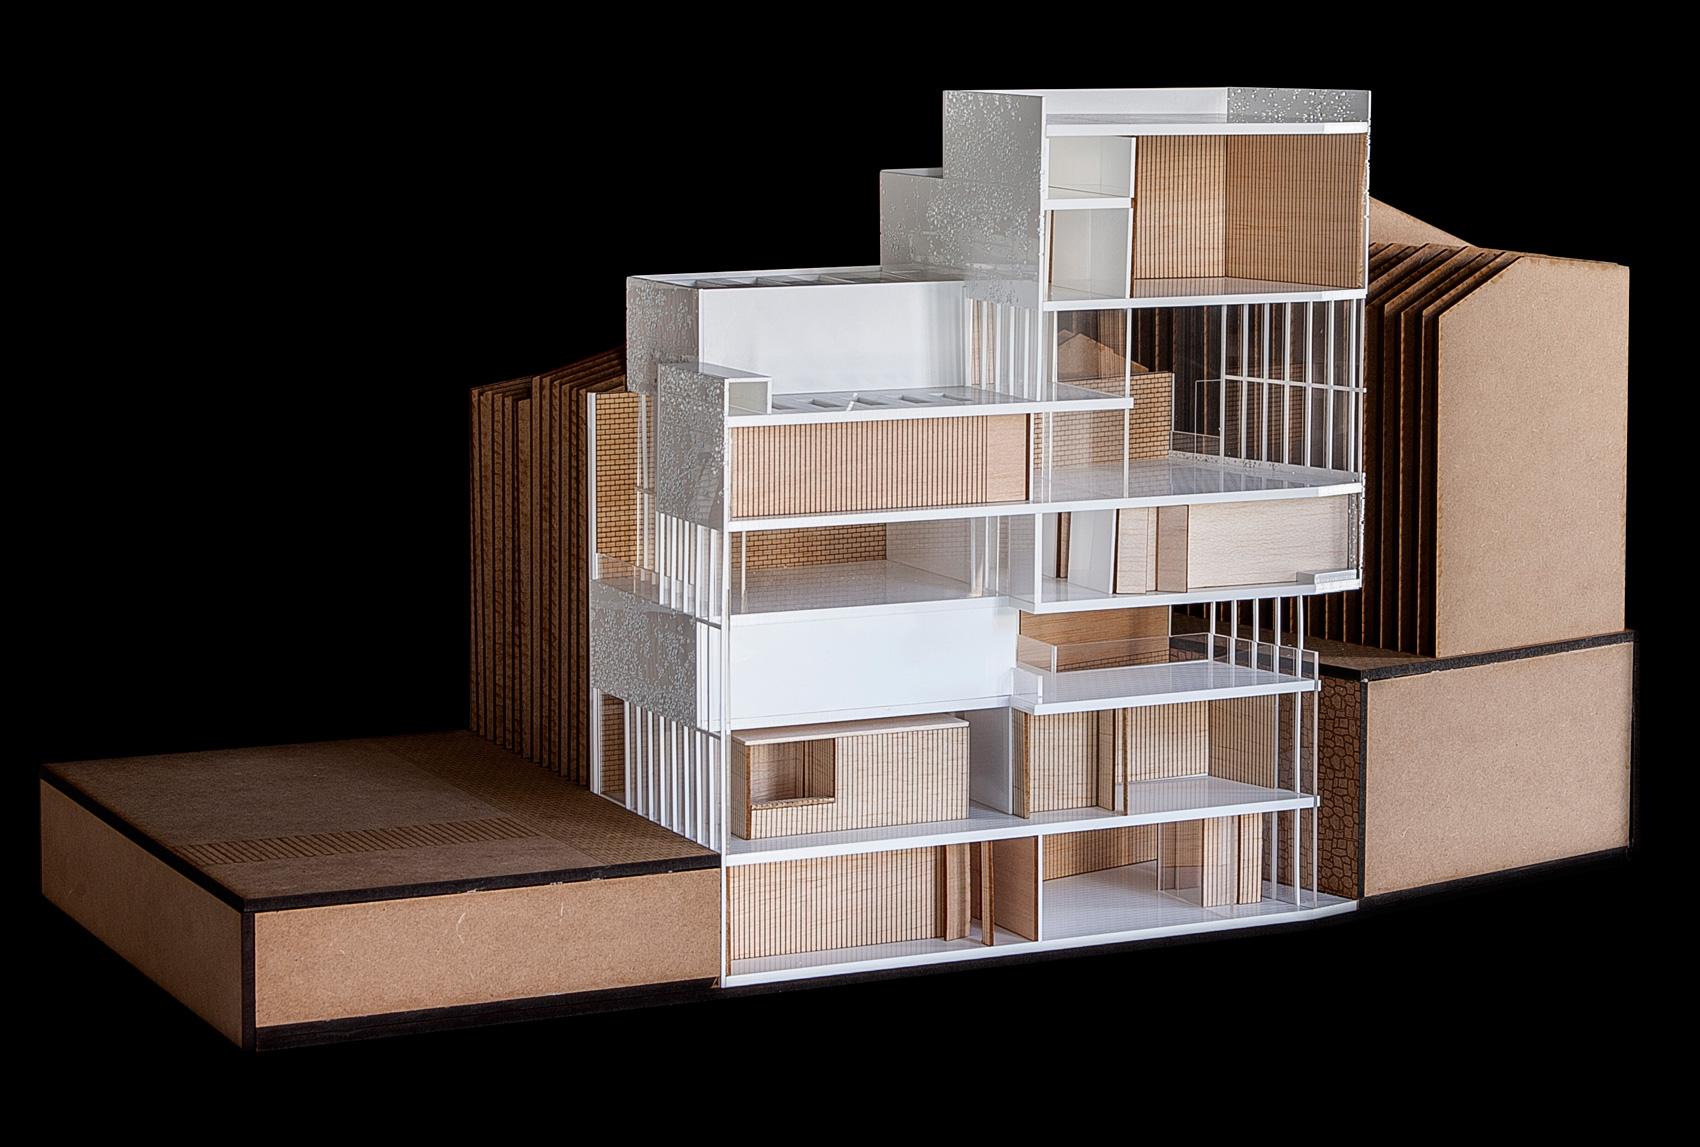 maqueta-arquitectura-concurso-valencia-seccionada-architecture-model-section- (7)